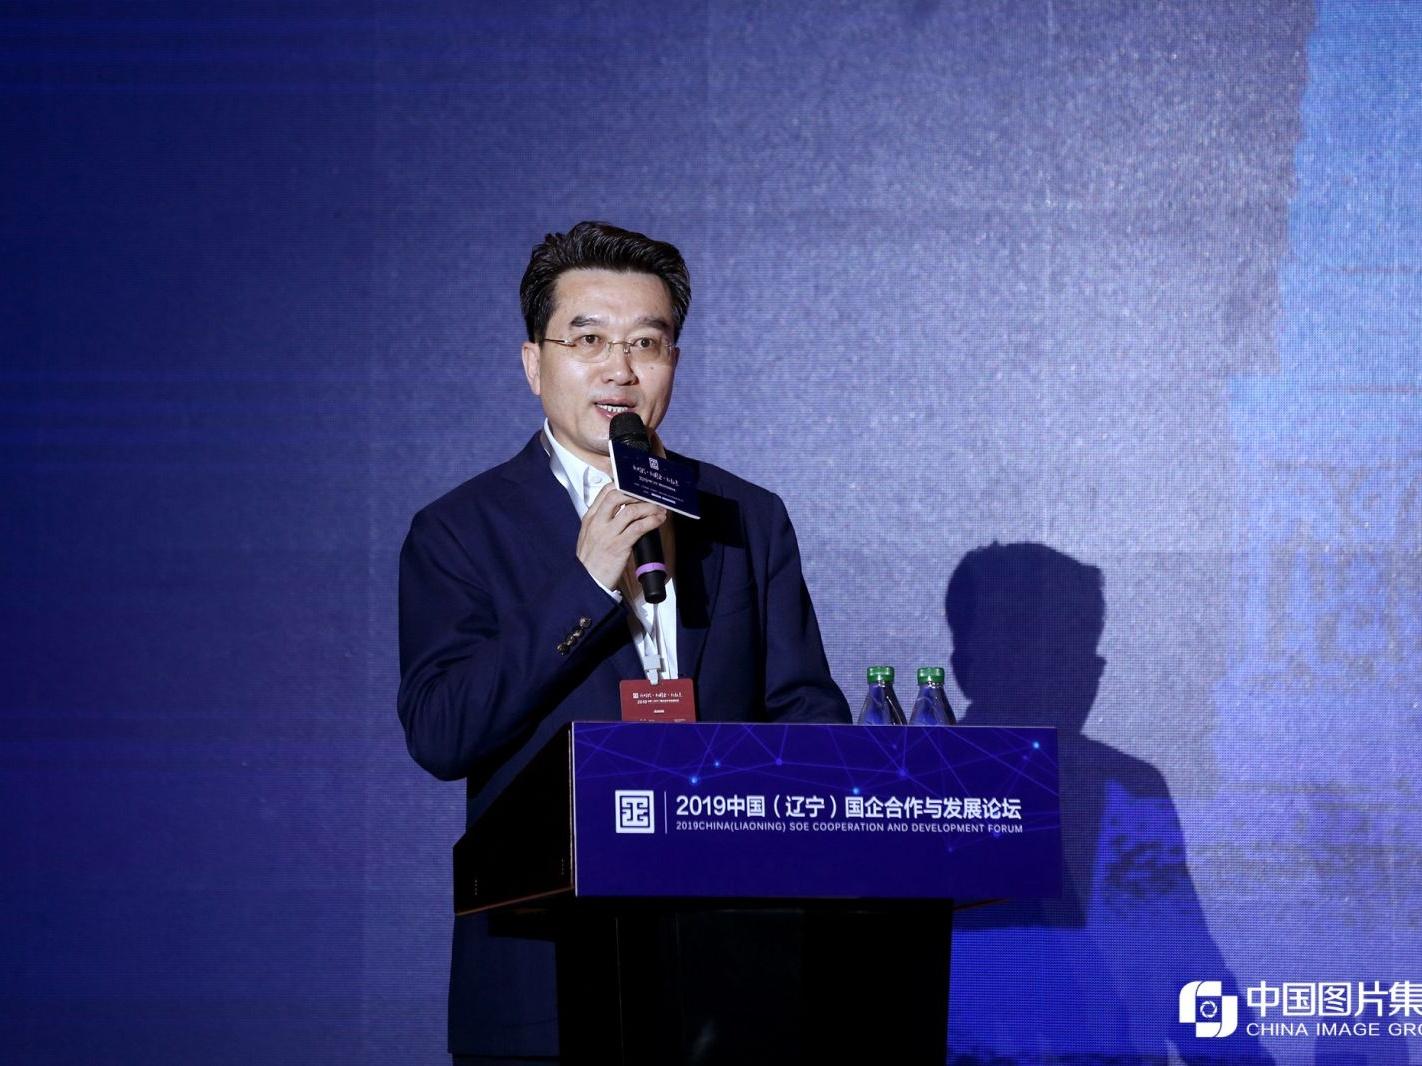 王广生:持续将智能制造作为沈阳工业高质量发展的重要引擎